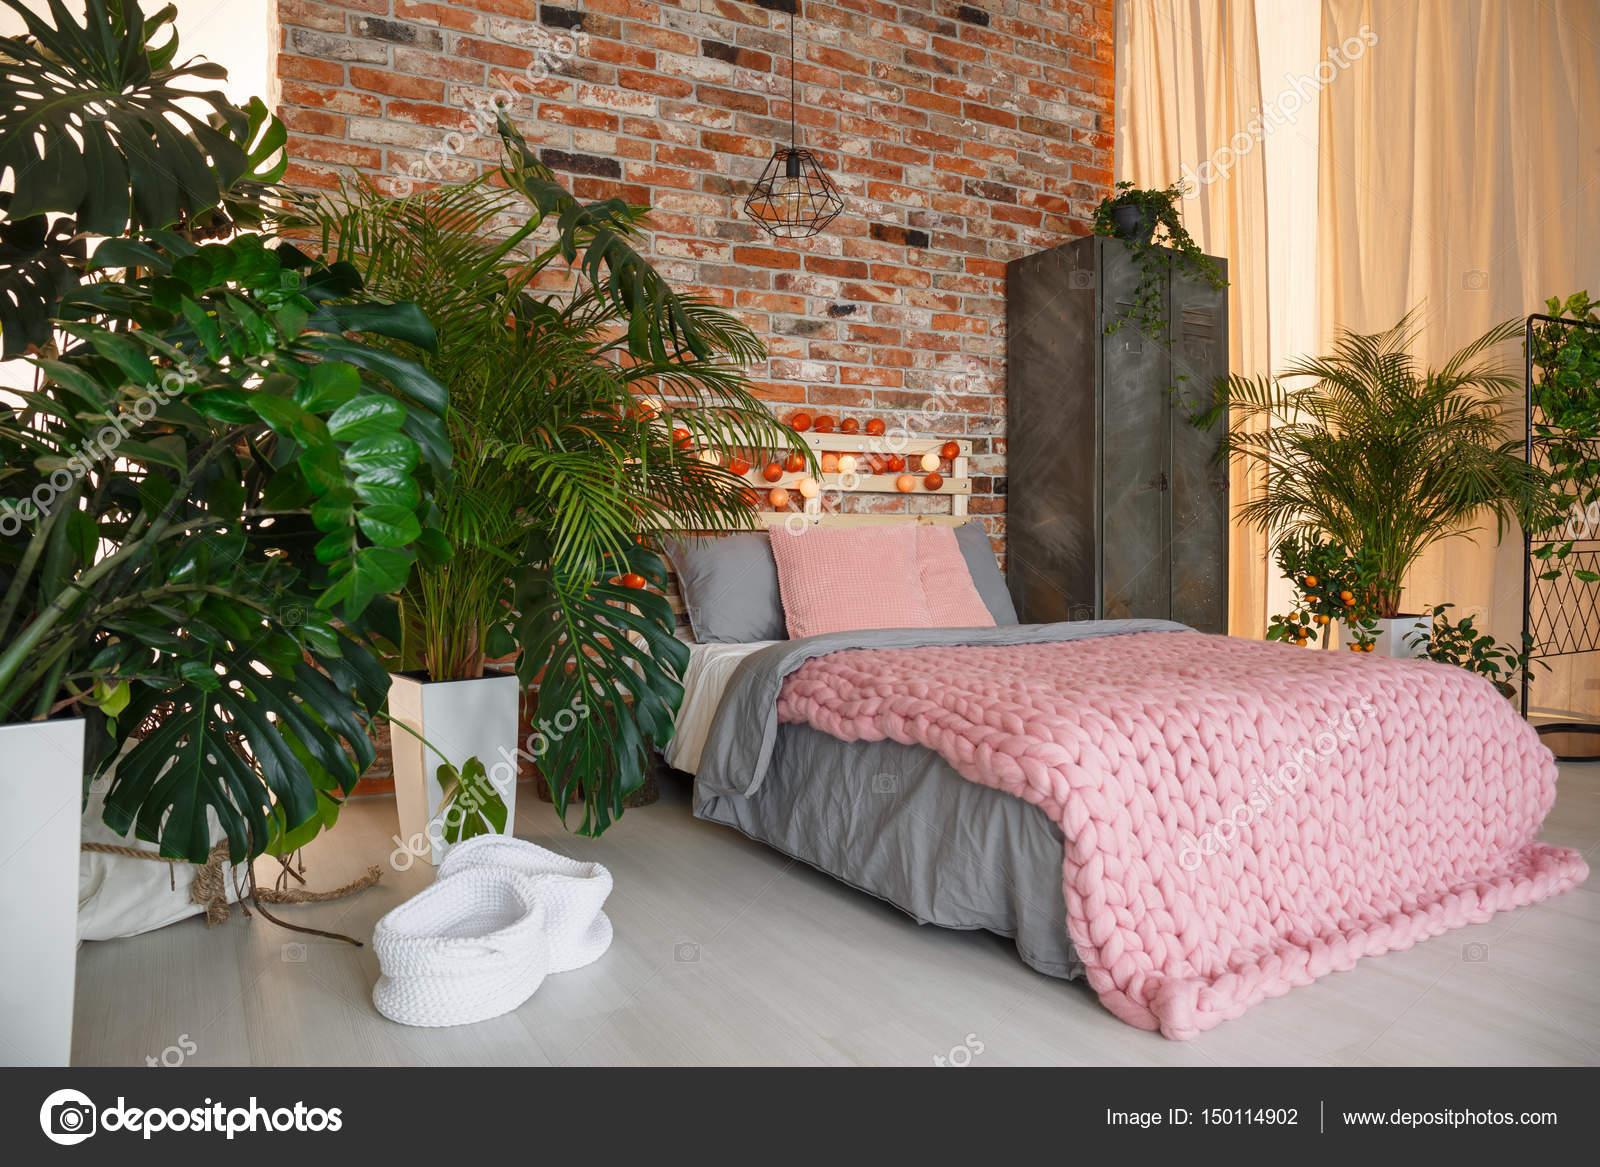 Planten Slaapkamer Baby : Planten in slaapkamer u2014 stockfoto © photographee.eu #150114902